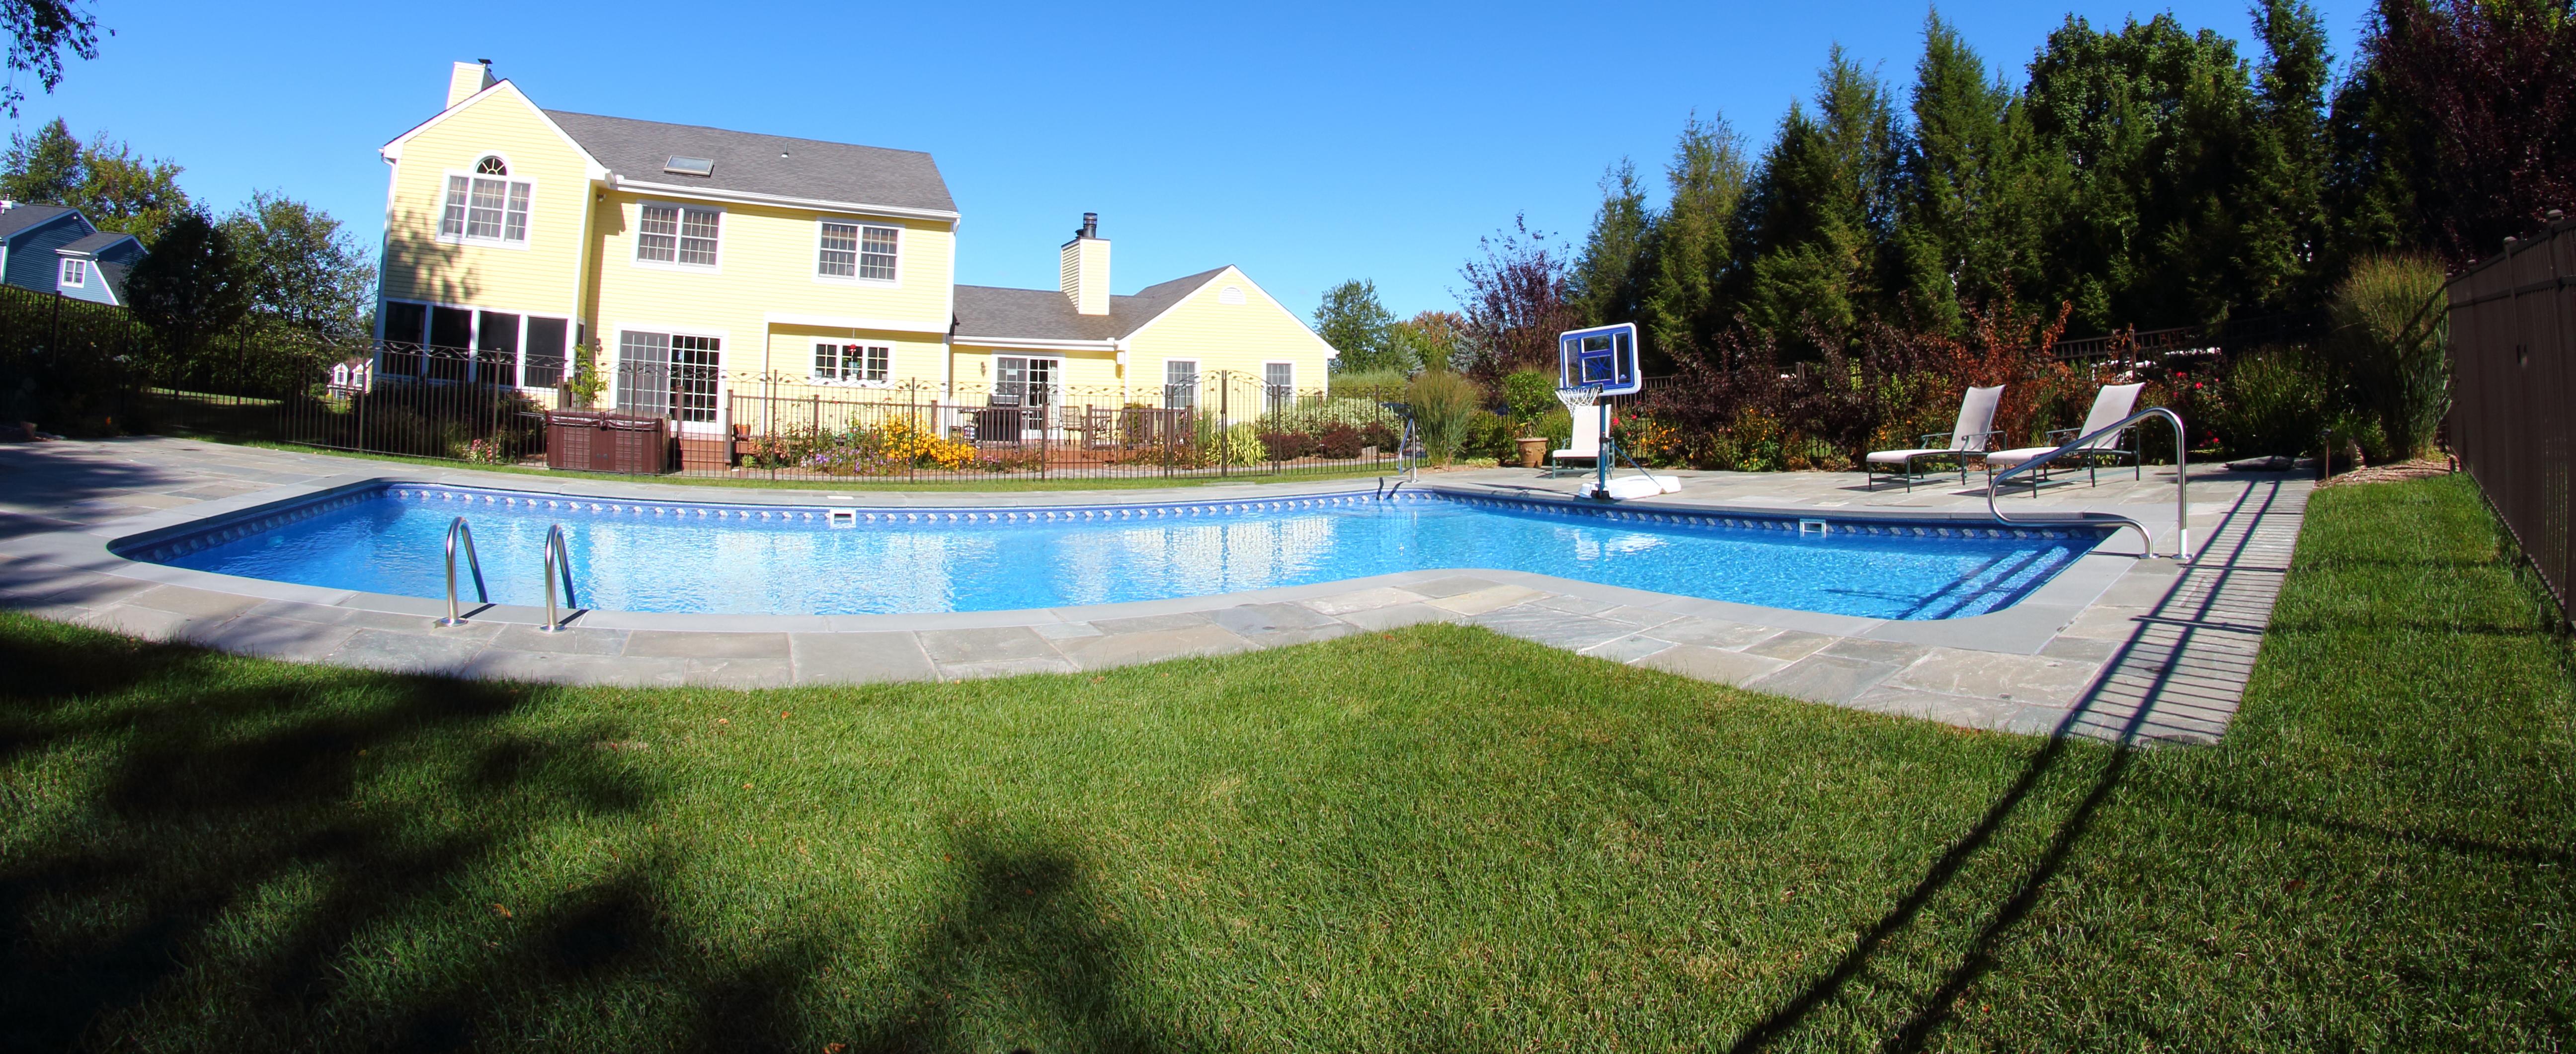 Orange County Pools & Spas reviews | Hot Tub & Pool at 1896 E Main St - Mohegan Lake NY